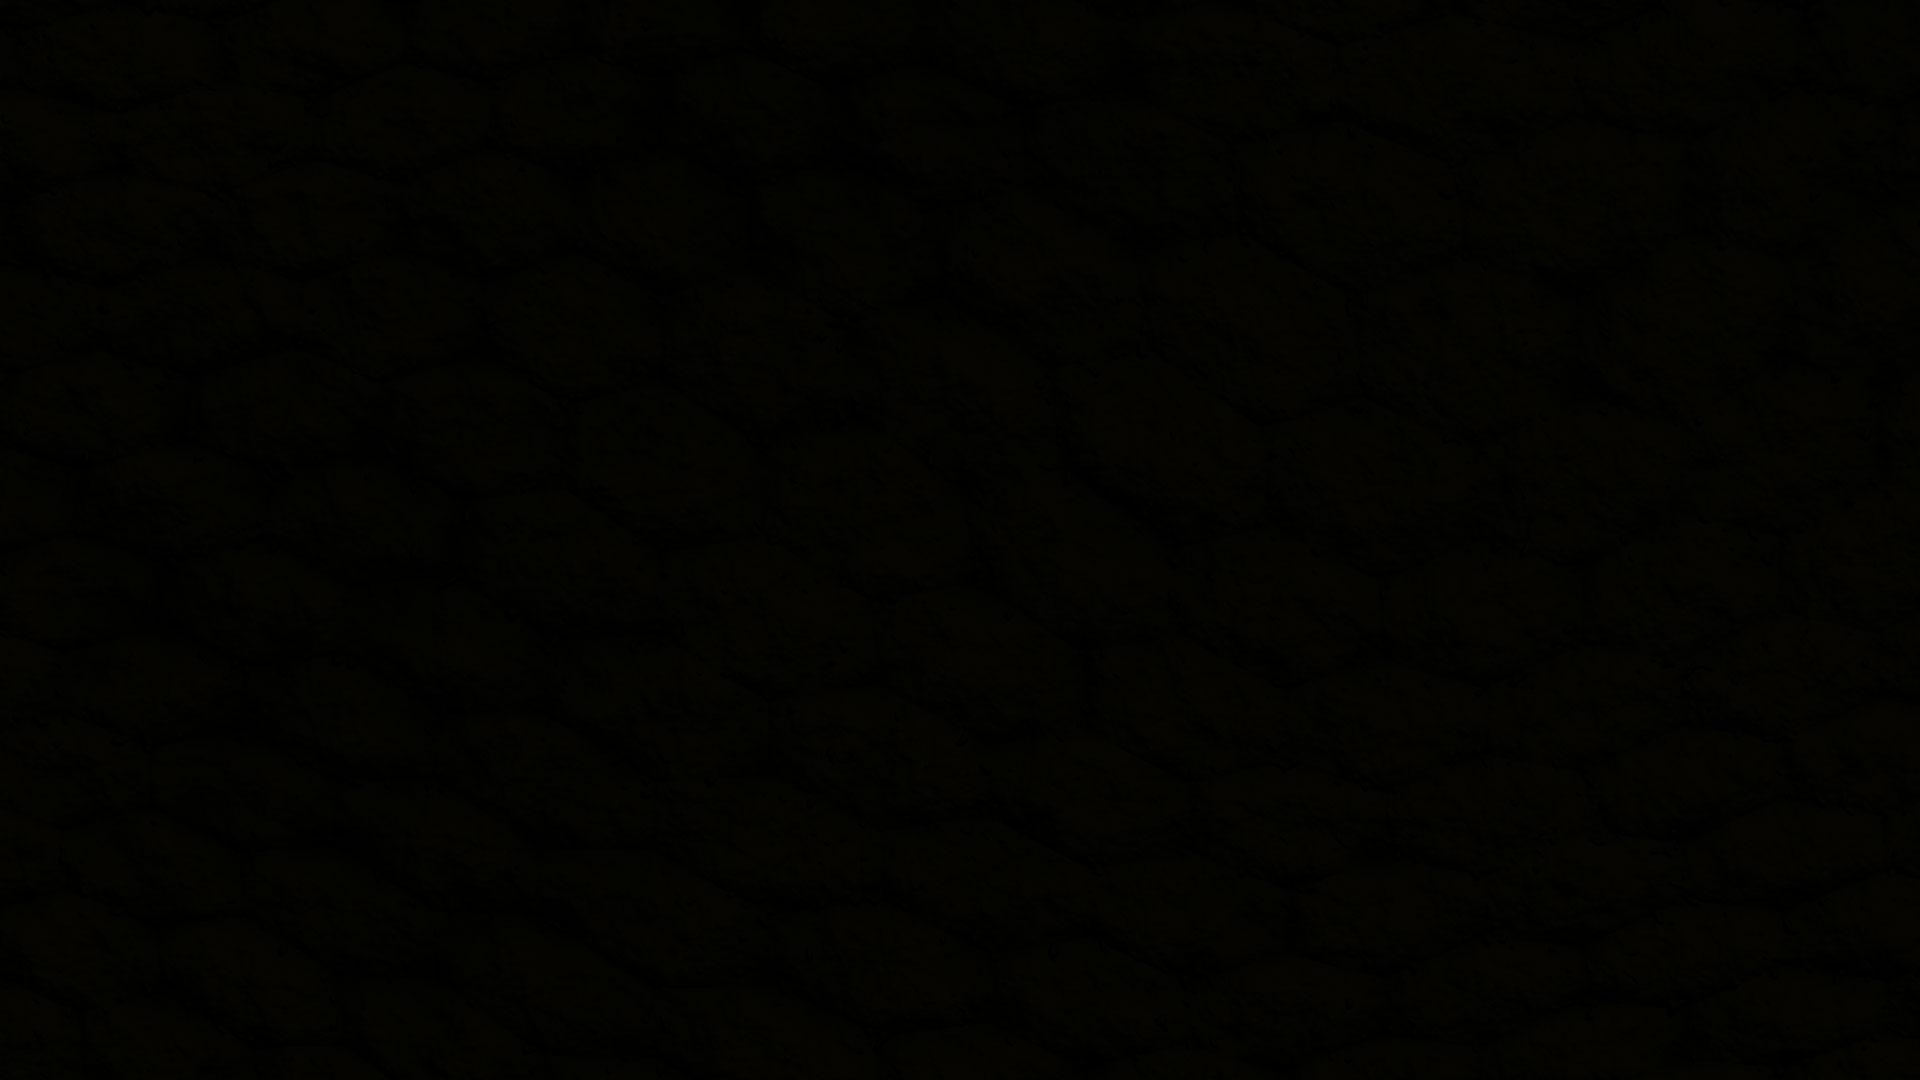 https://i1.wp.com/image.fg-a.com/backgrounds/black-planet-surface-1920.jpg